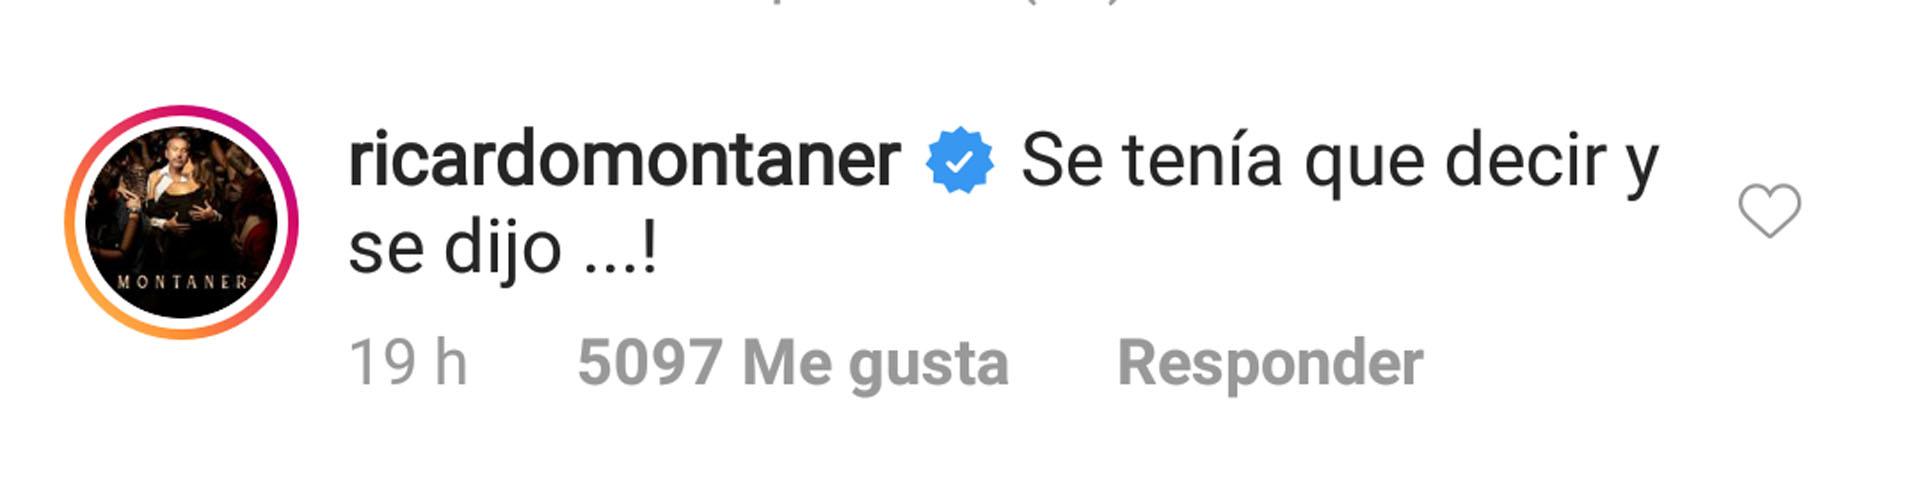 El comentario de Ricardo Montaner (Foto: Instagram)